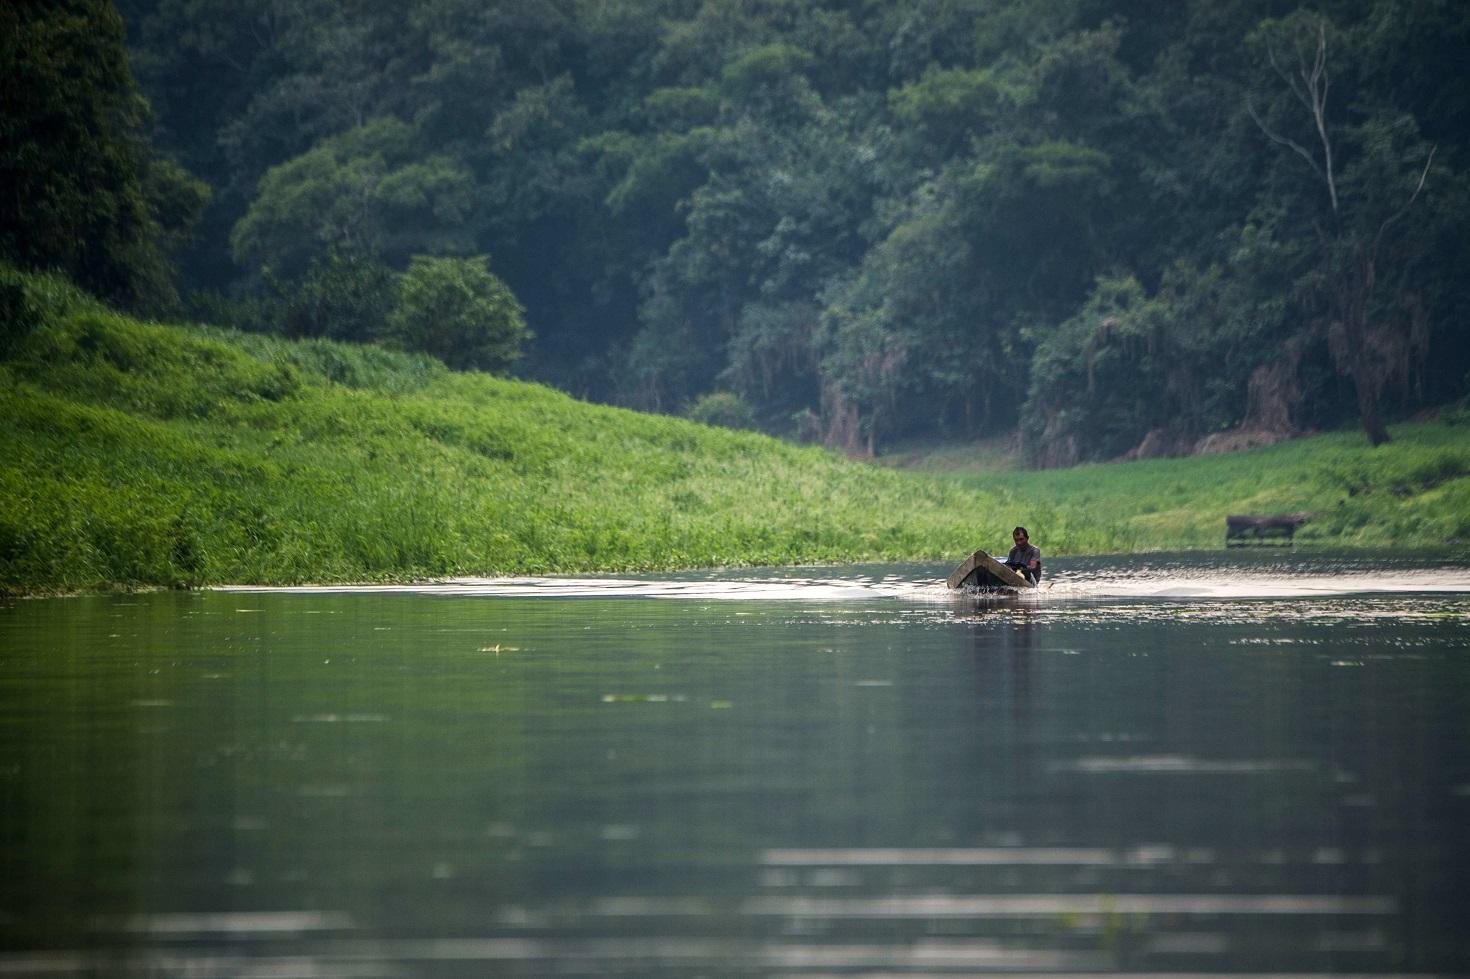 Em toda a Bacia do Rio Negro, são 176 estações de rádio para garantir a comunicação entre os indígenas. Foto Christophe Simon/AFP